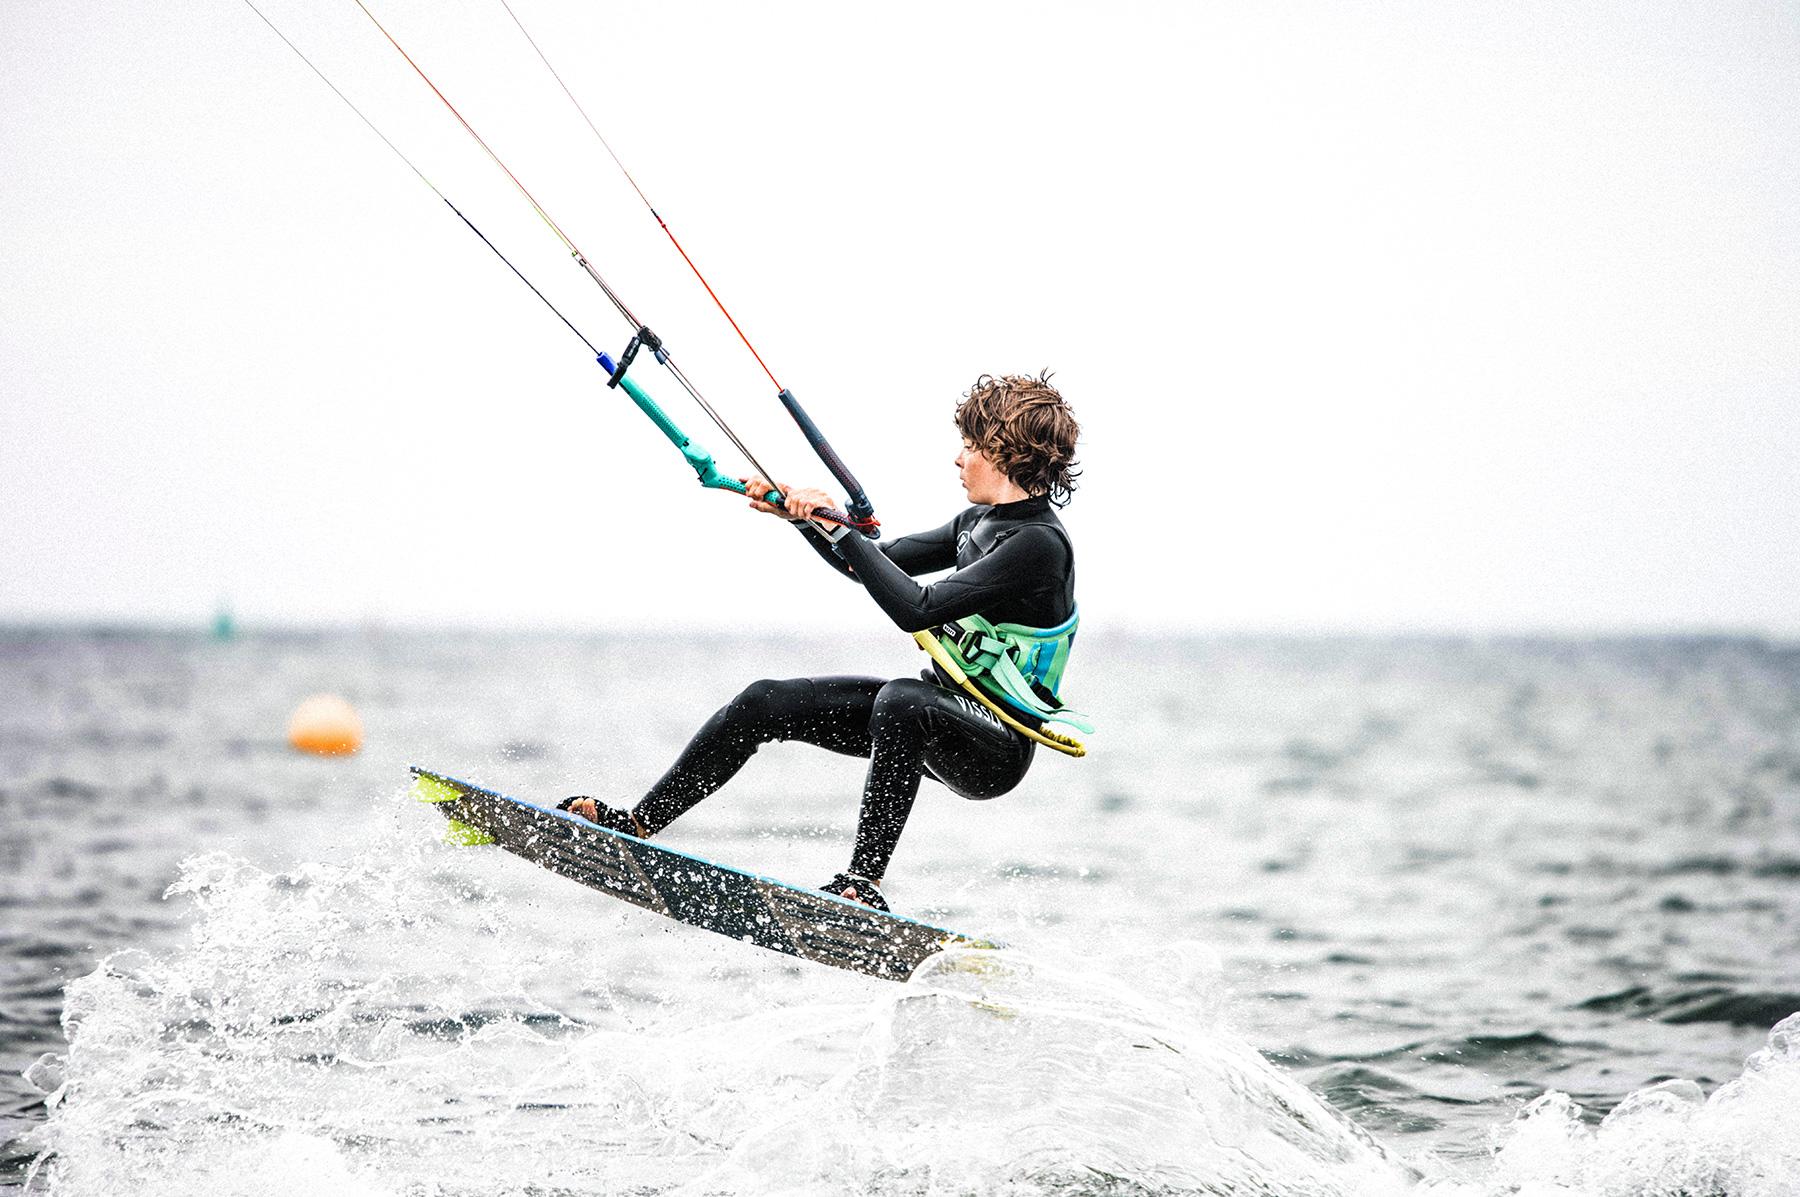 Boy kitesurfing